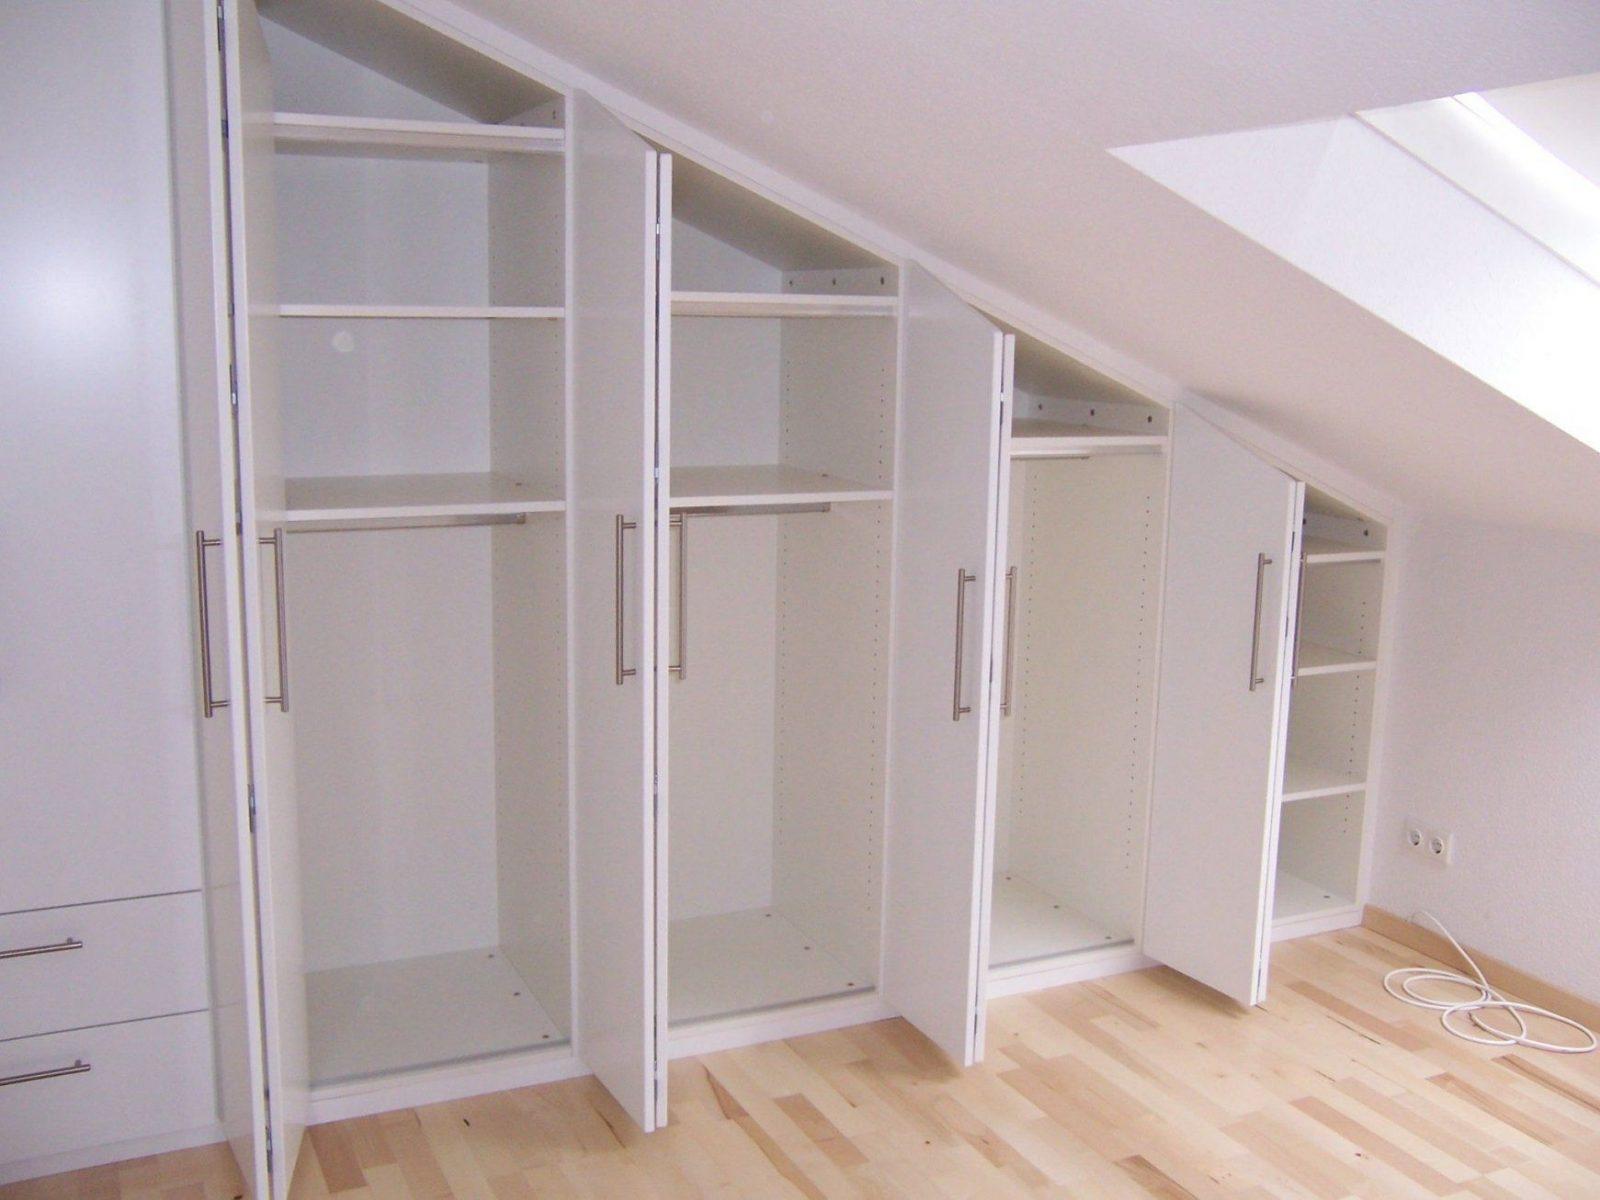 Bildergebnis Für Dachschräge Schlafzimmer  Attic Ideas  Pinterest von Kleiderschrank Für Dachschräge Ikea Photo